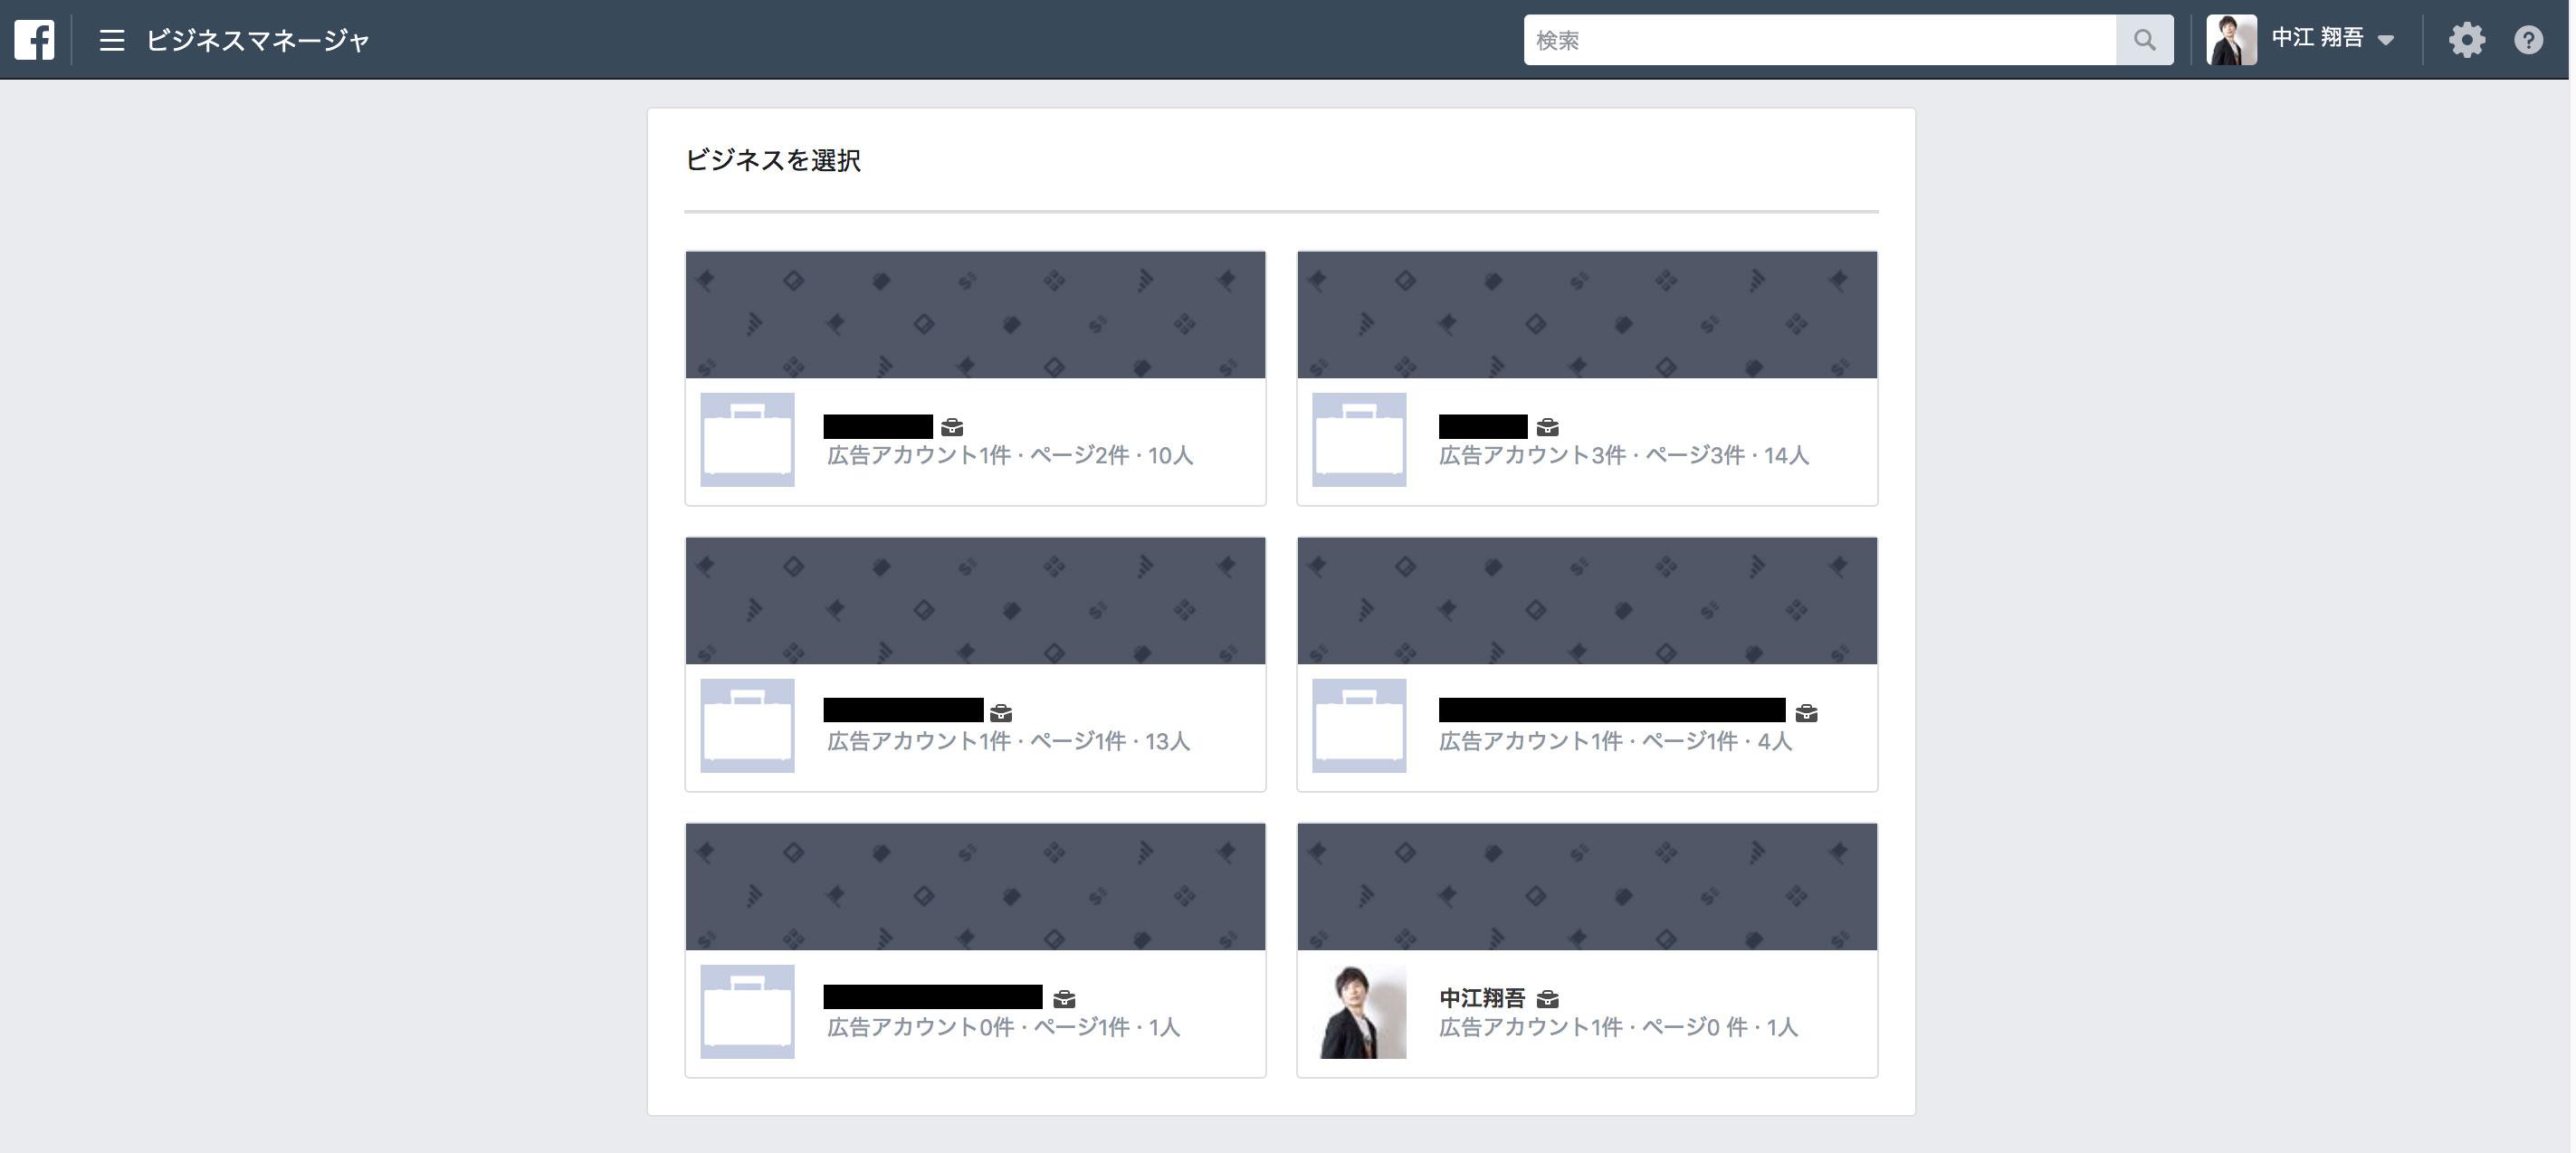 Facebookビジネスマネージャー 管理画面